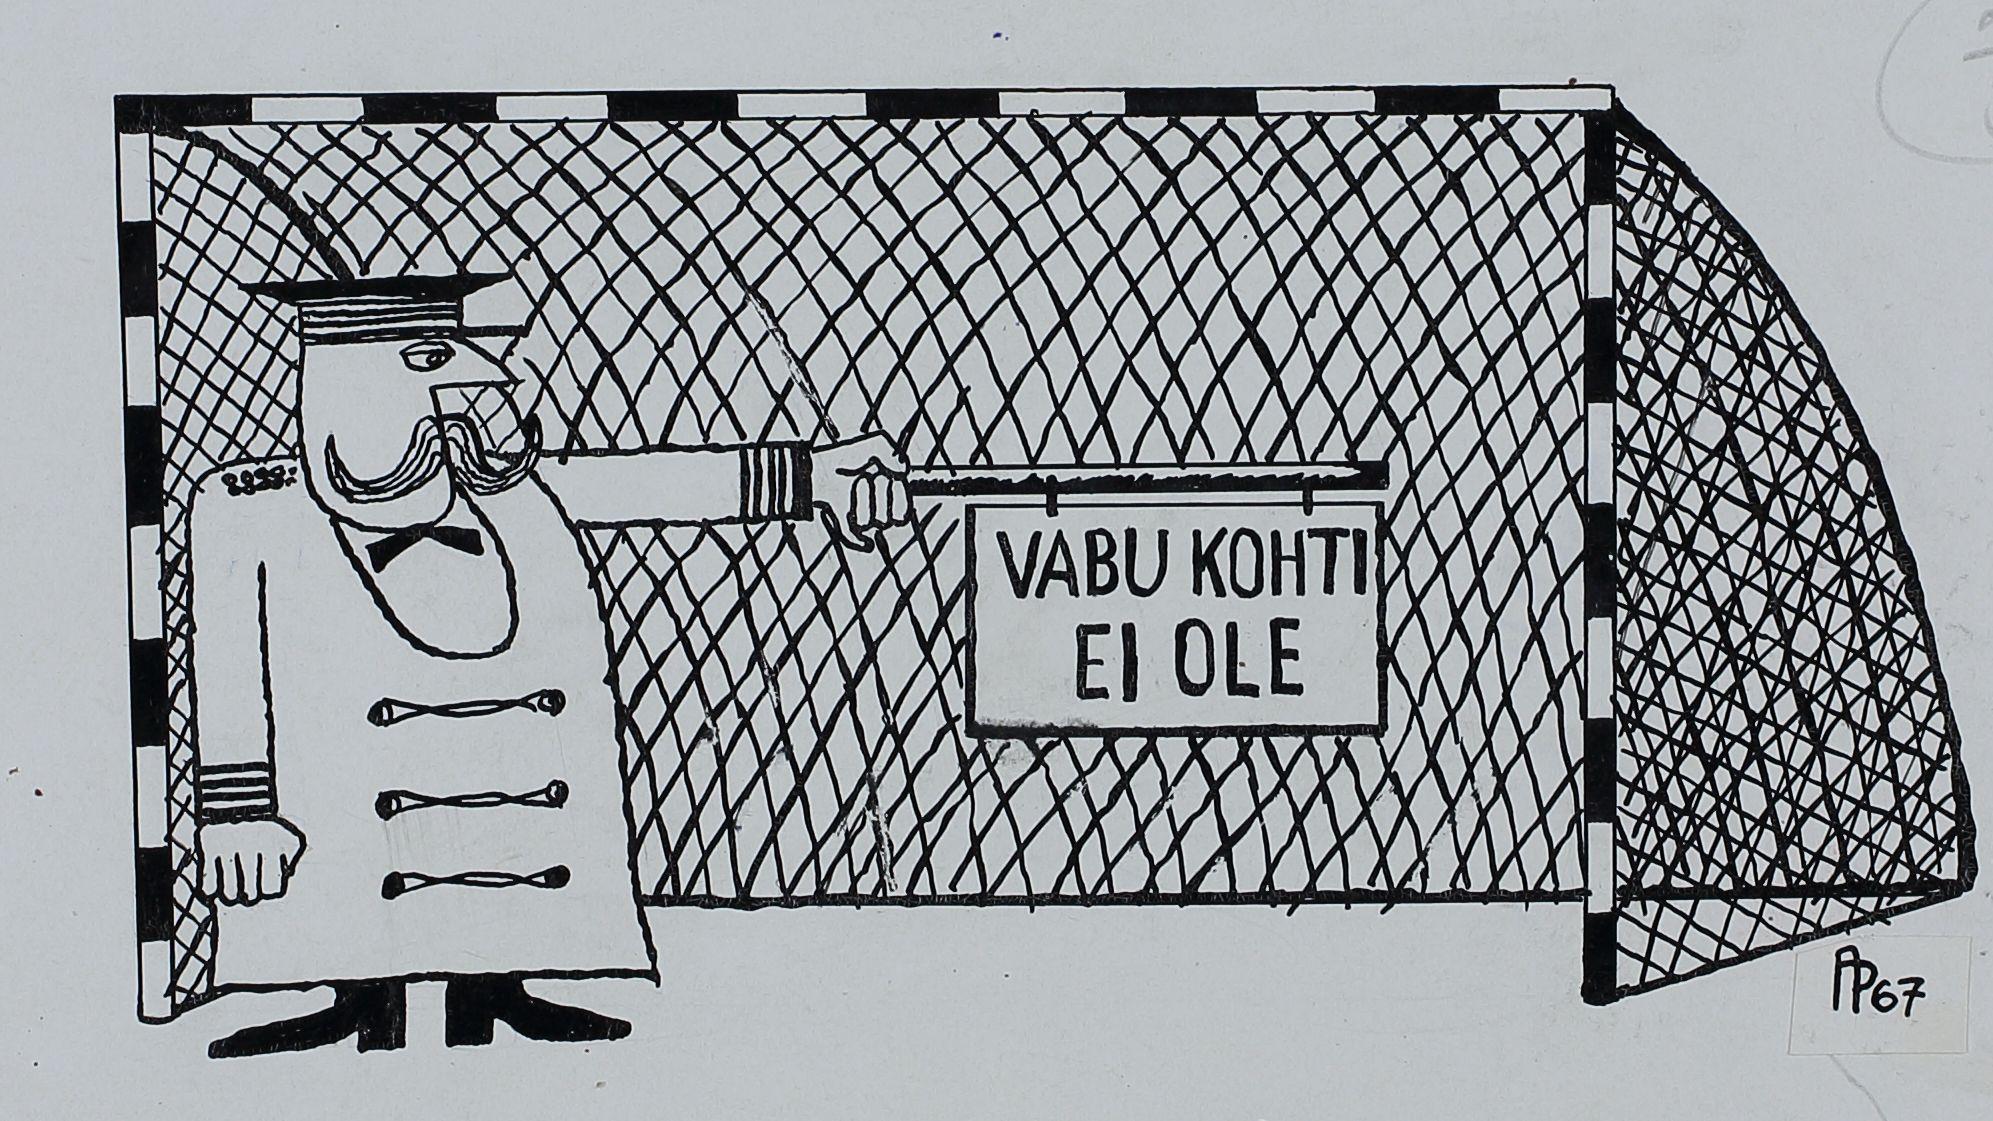 """Pilt ajakirjast """"Pikker"""". Jalgpalli väravas seisab mundris mees ja hoiab käes silti kirjaga """"Vabu kohti ei ole"""". pilt_00005_t"""